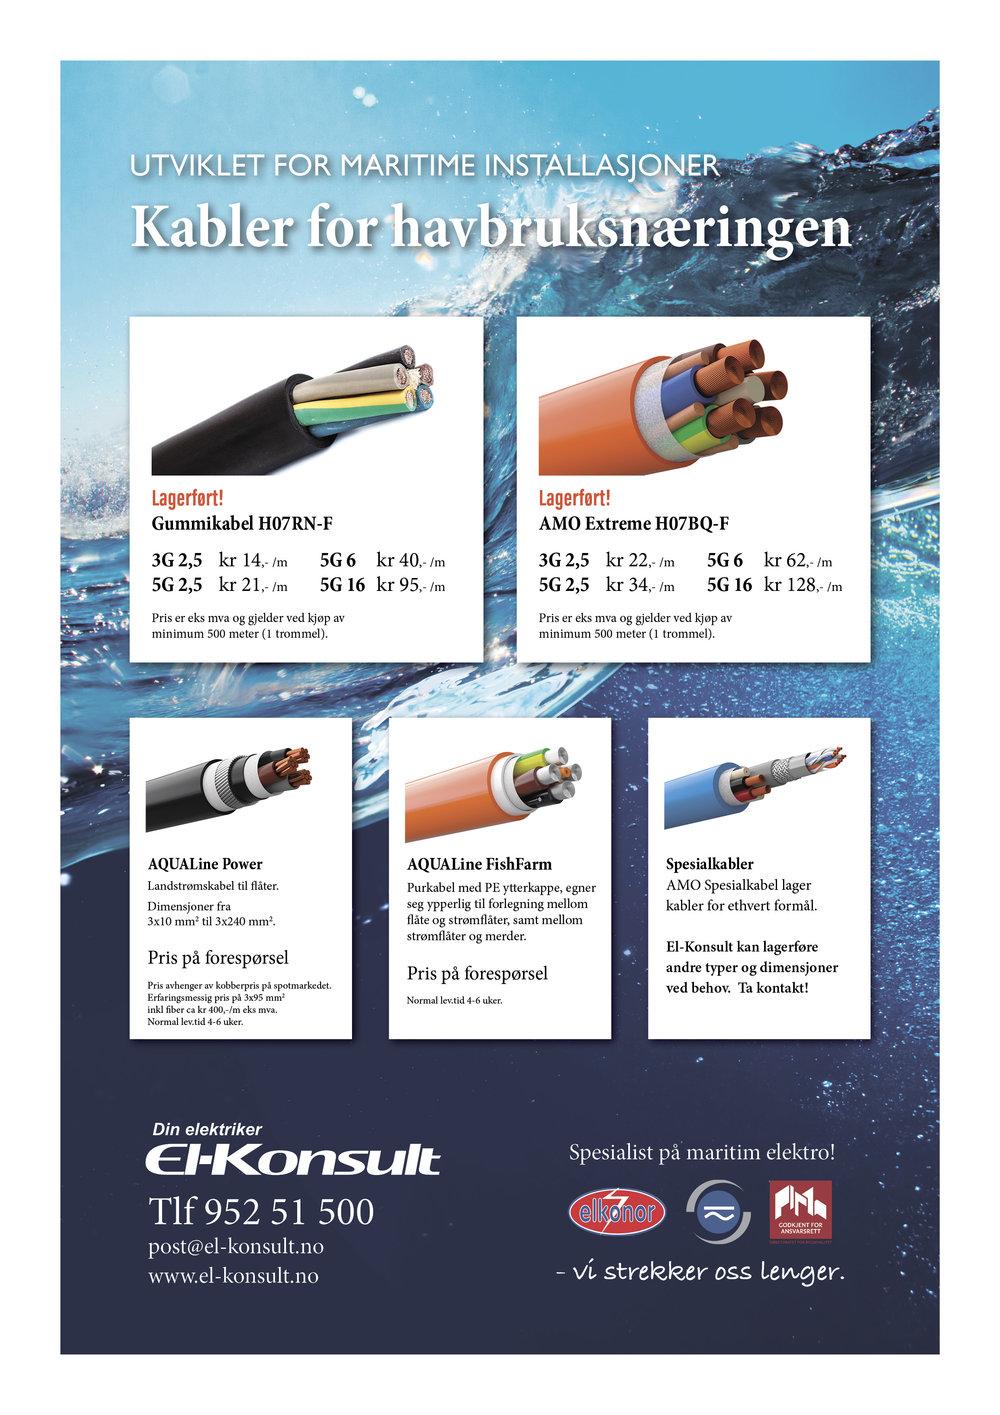 kabler for havbruksnæringen a4 dm august 2017-v3.jpg